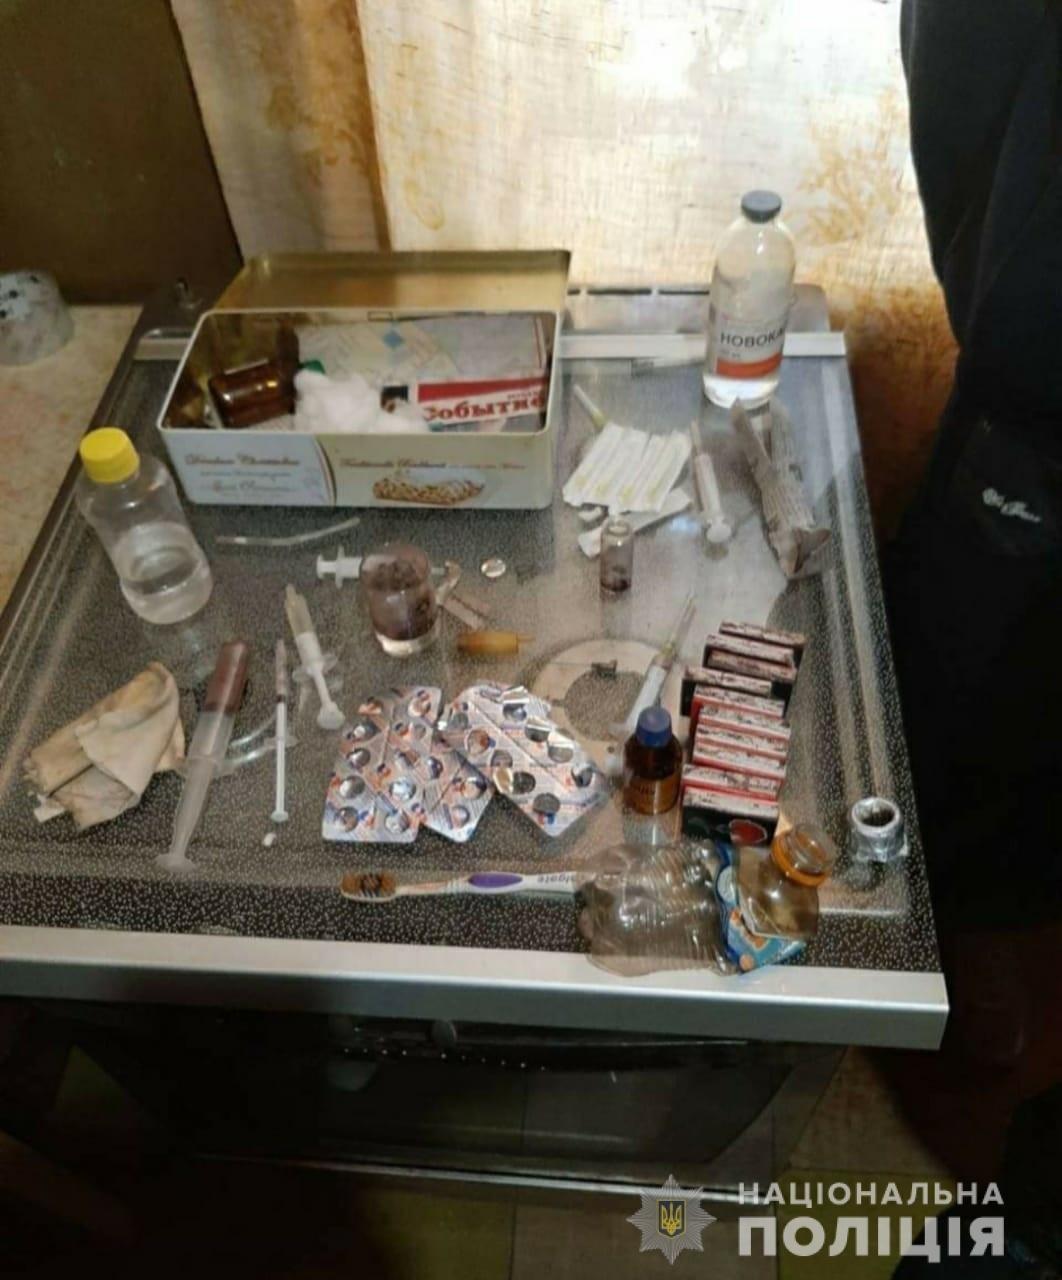 В Днепропетровской области обнаружили наркопритон, - ФОТО, фото-1